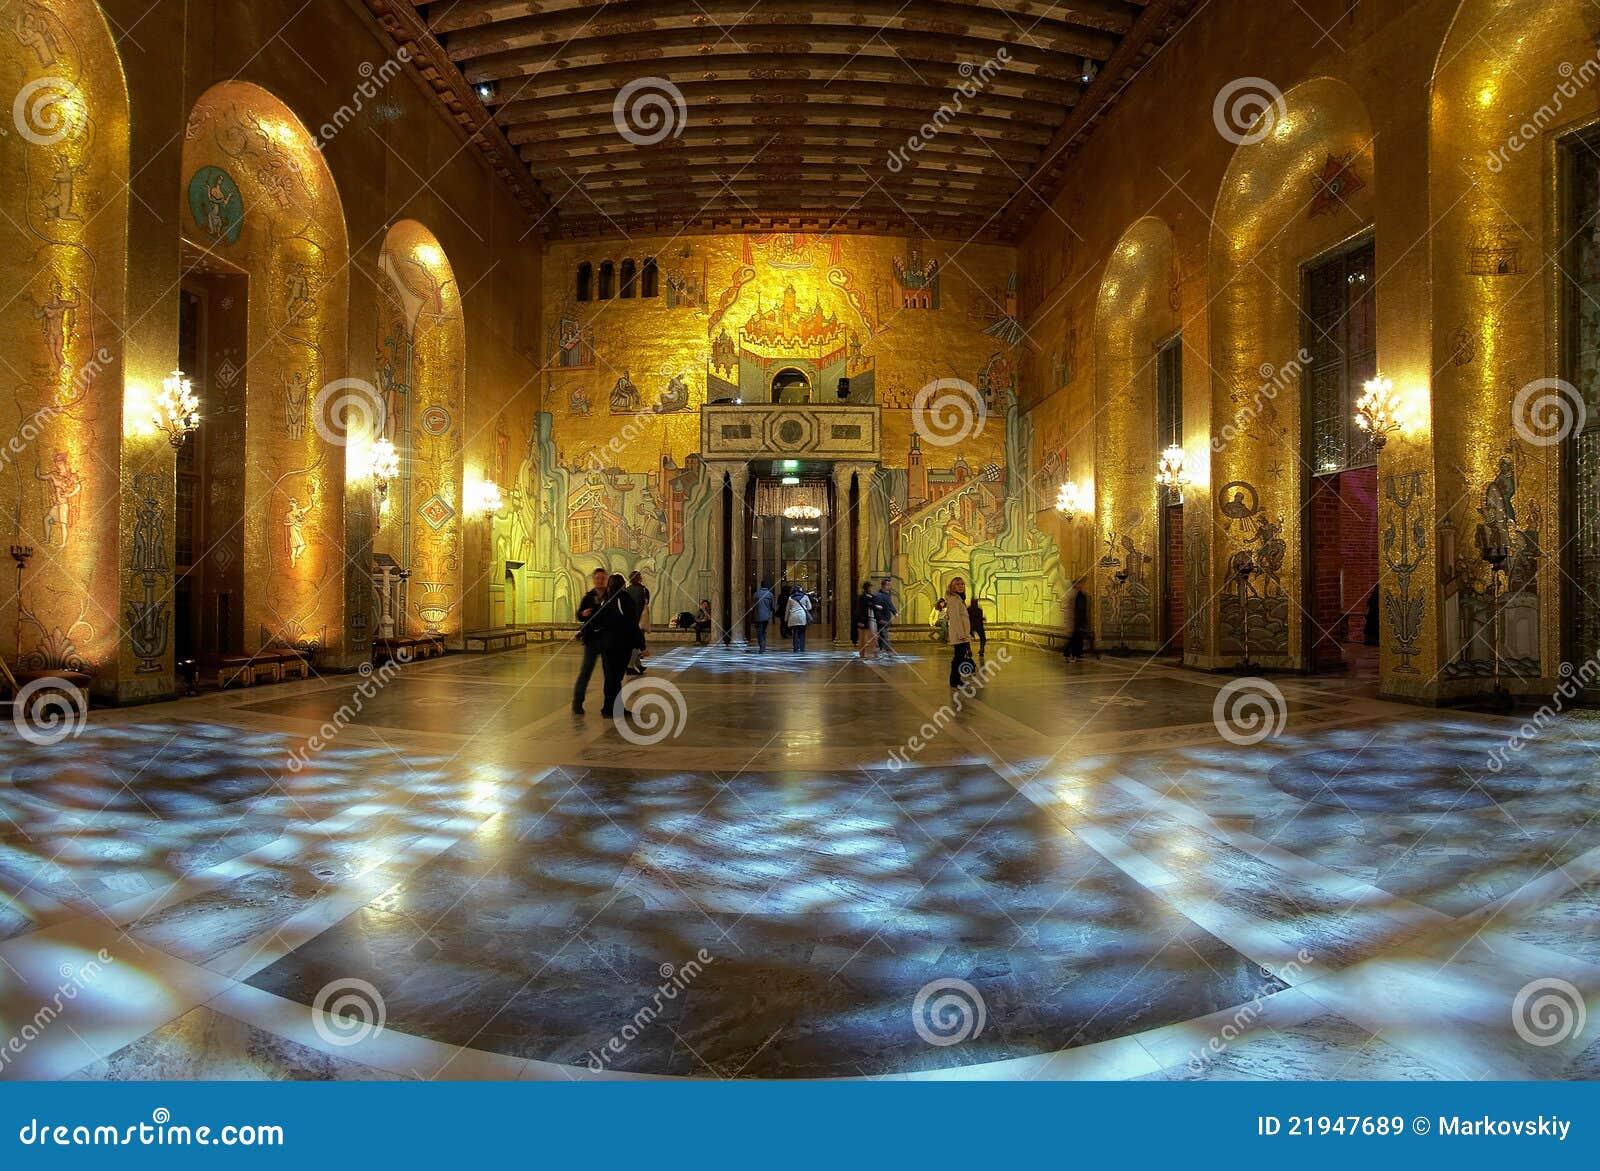 Gouden zaal van het stadhuis van stockholm redactionele stock afbeelding afbeelding 21947689 - Versiering van de zaal van het tienermeisje van ...